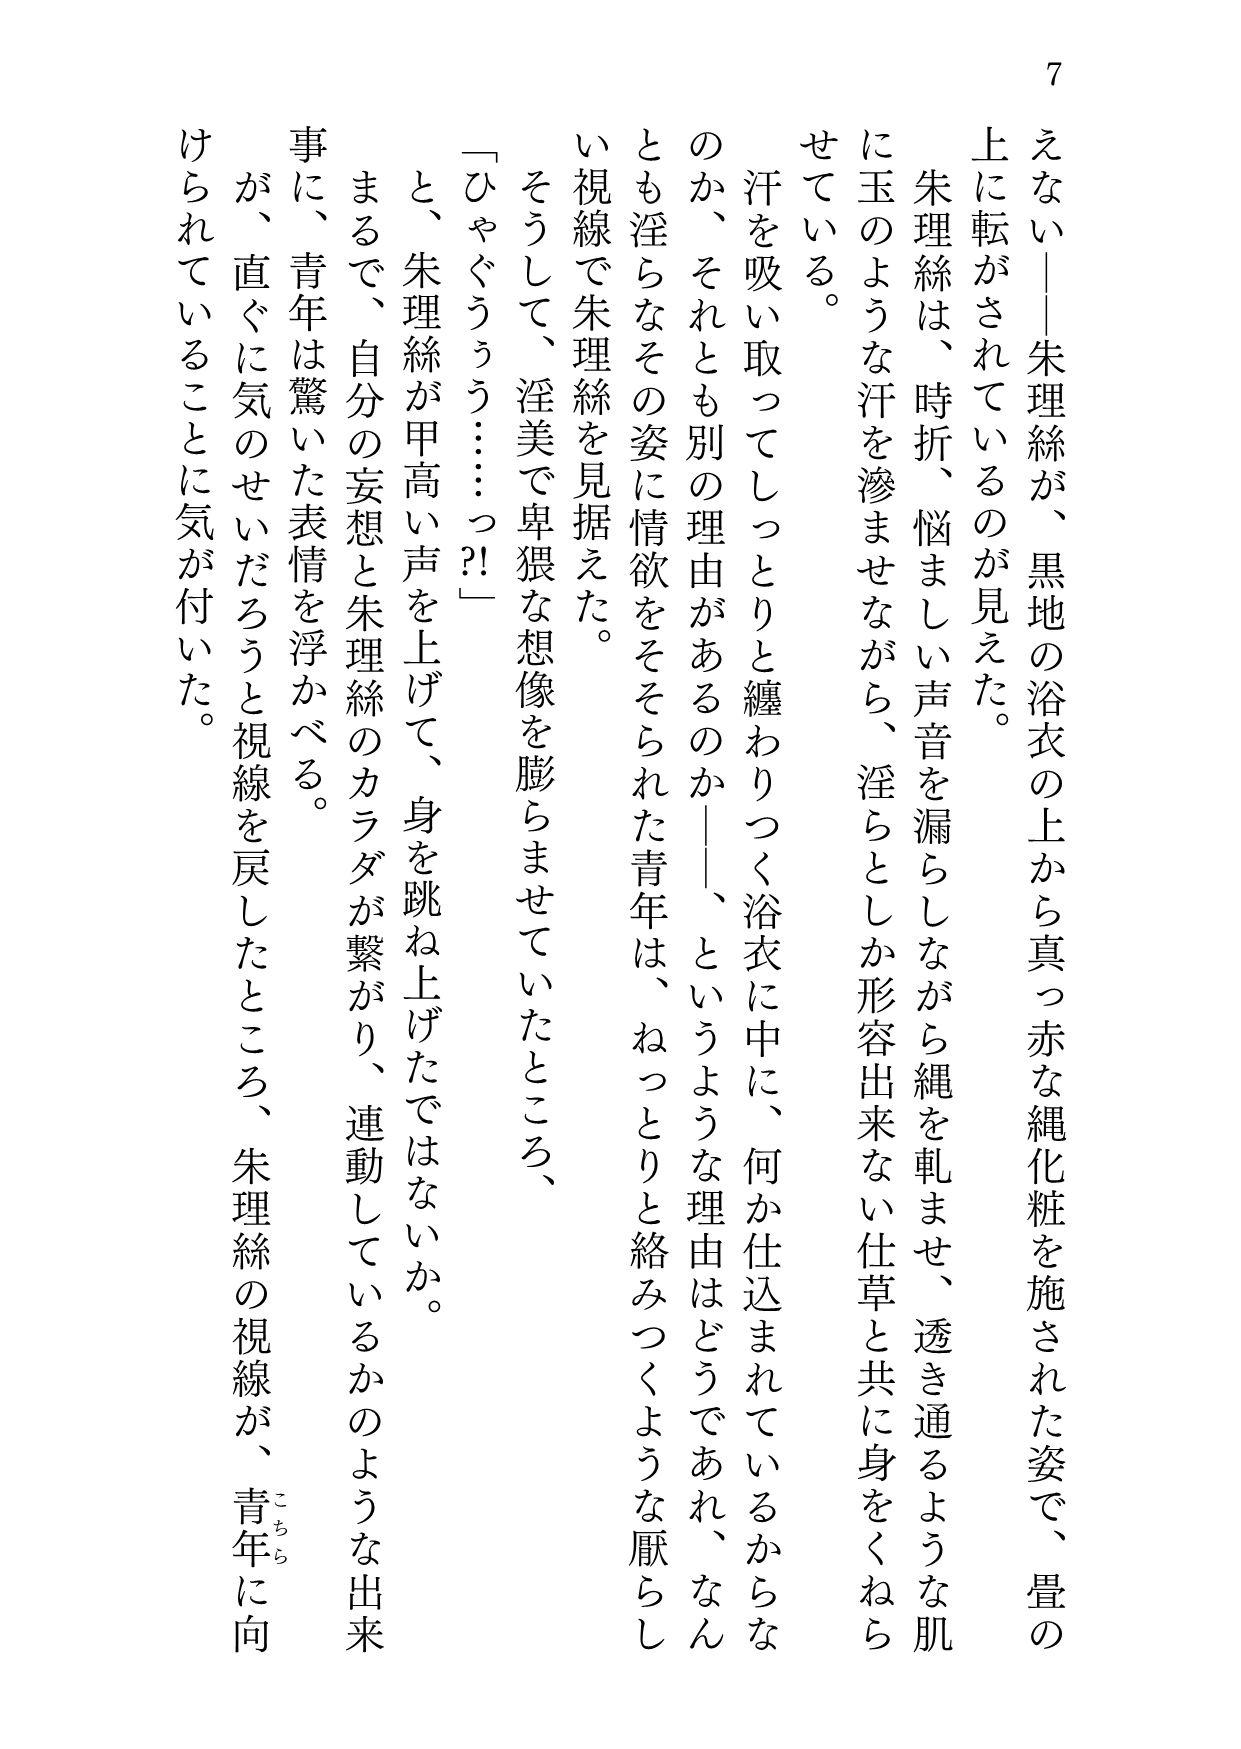 マナツニミルマヒルノユメのサンプル画像5